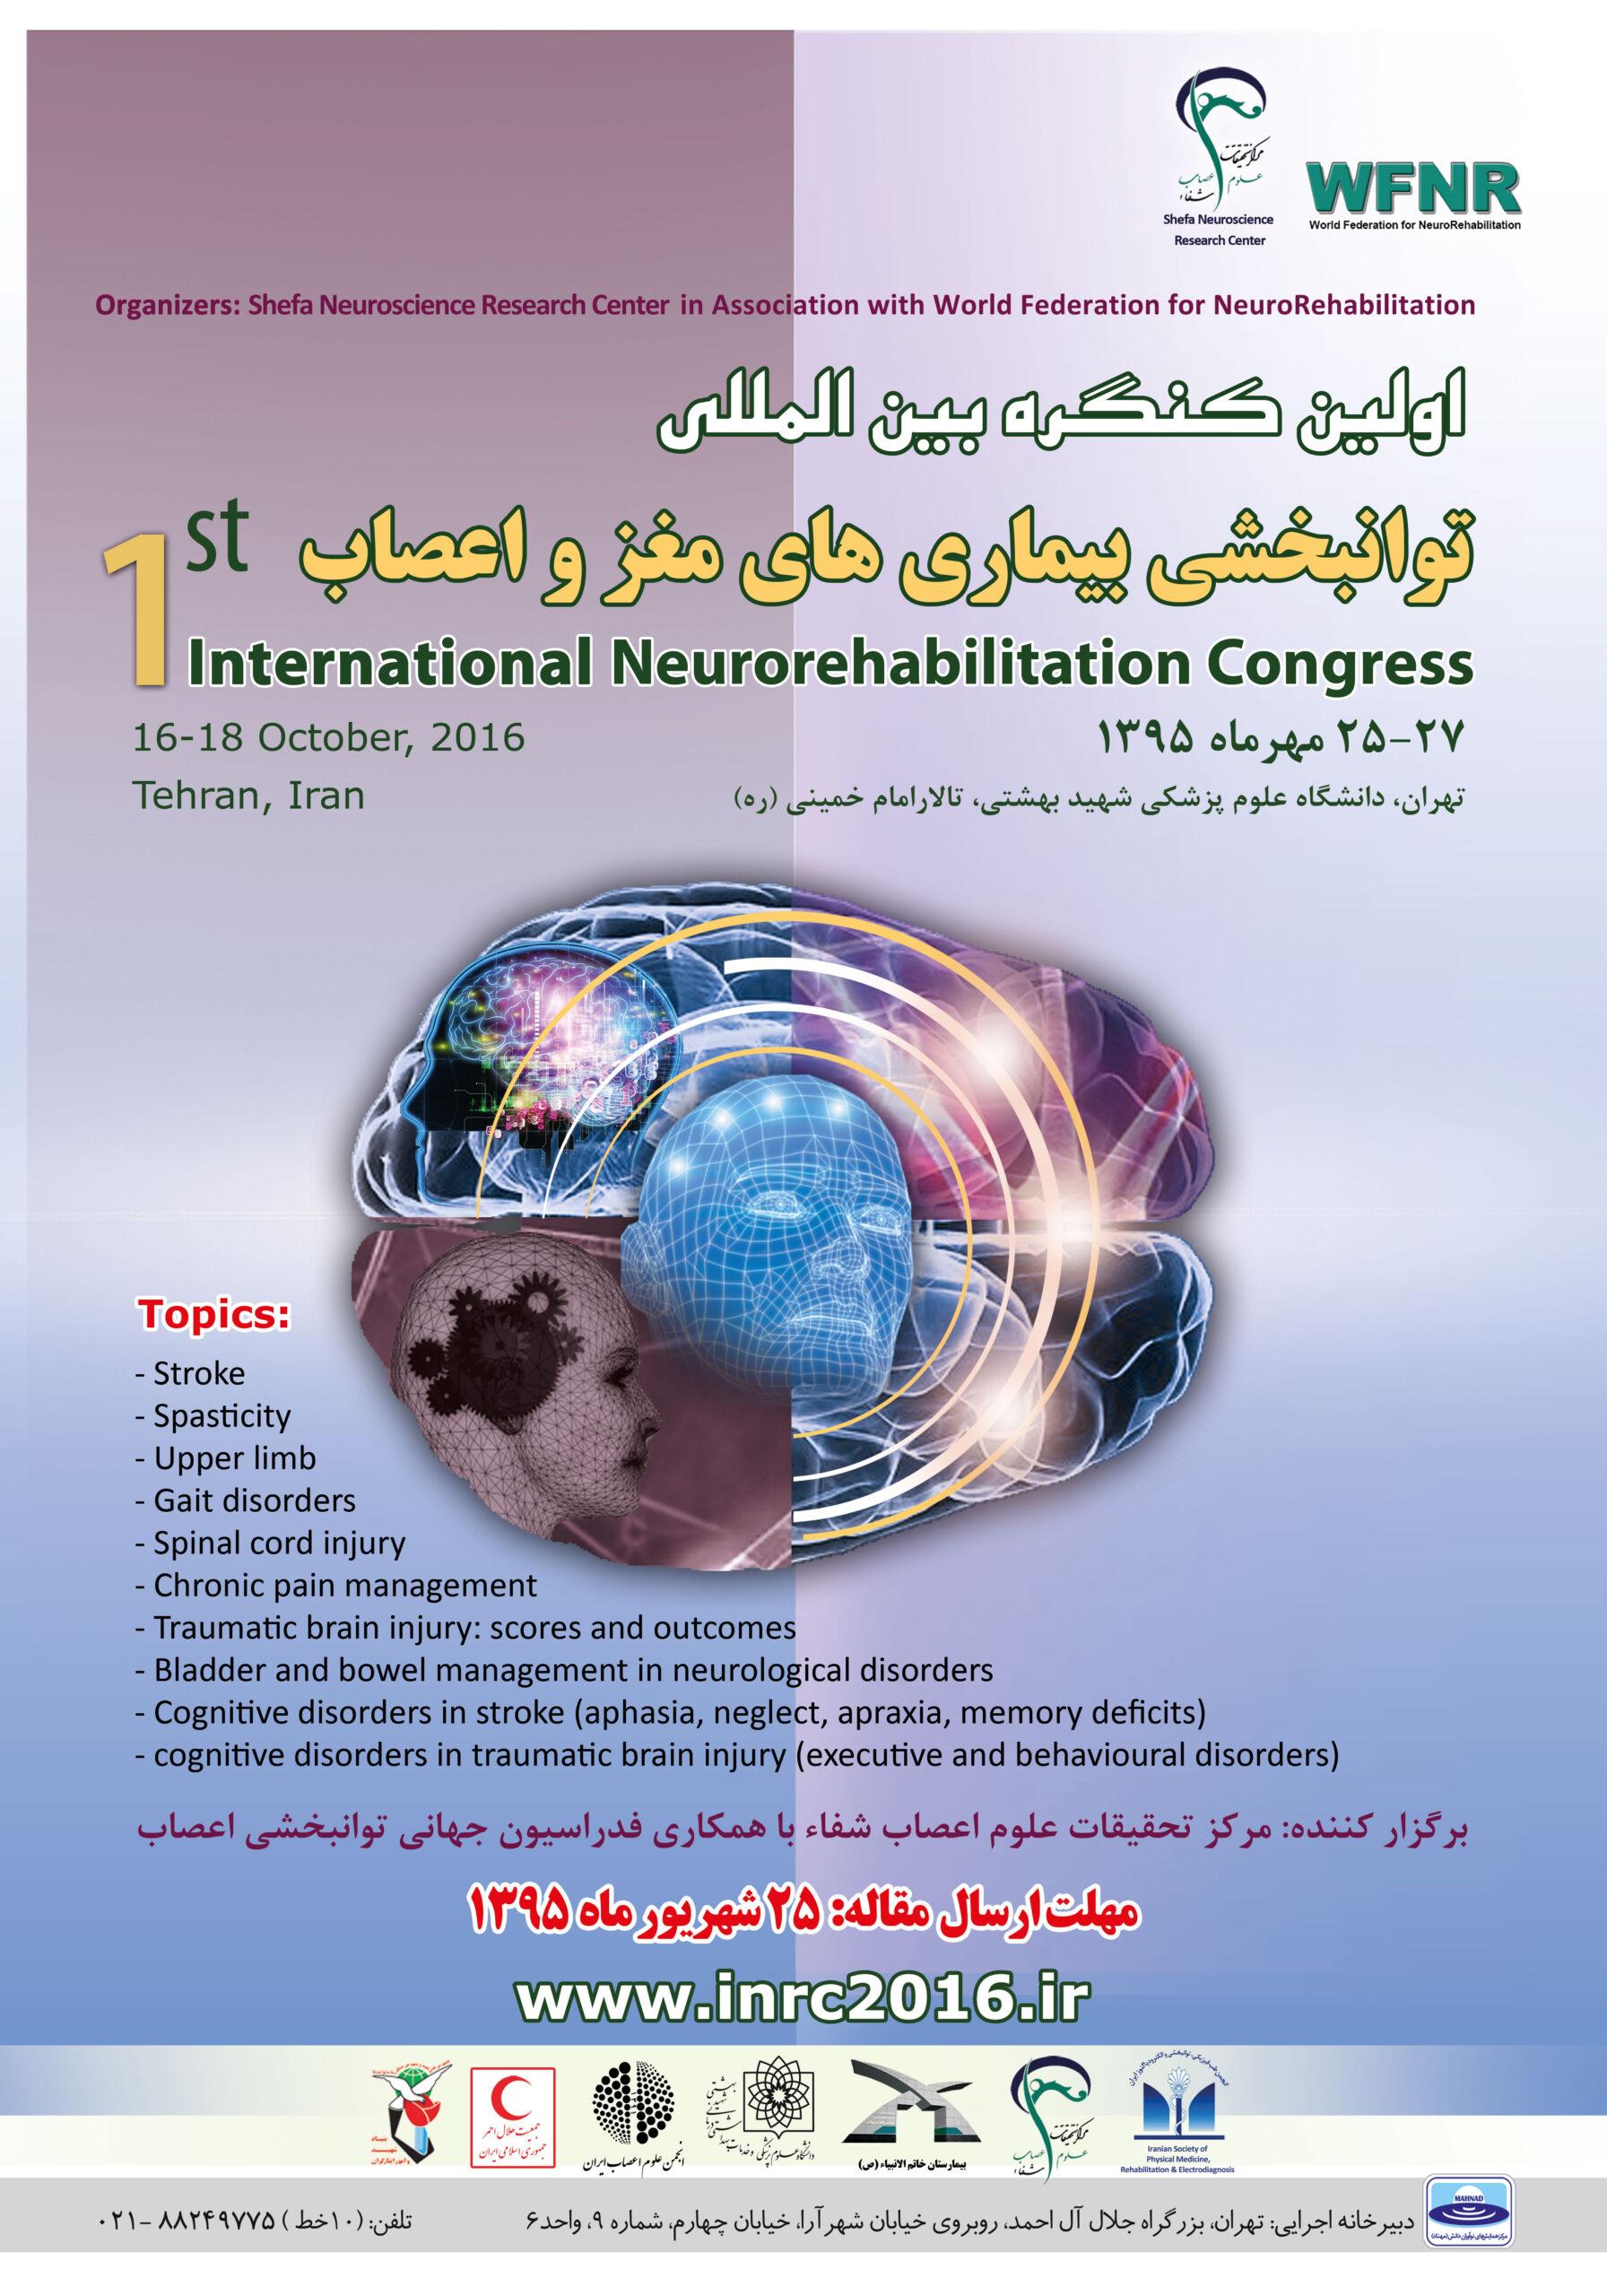 اولین کنگره توانبخشی مغز و اعصاب